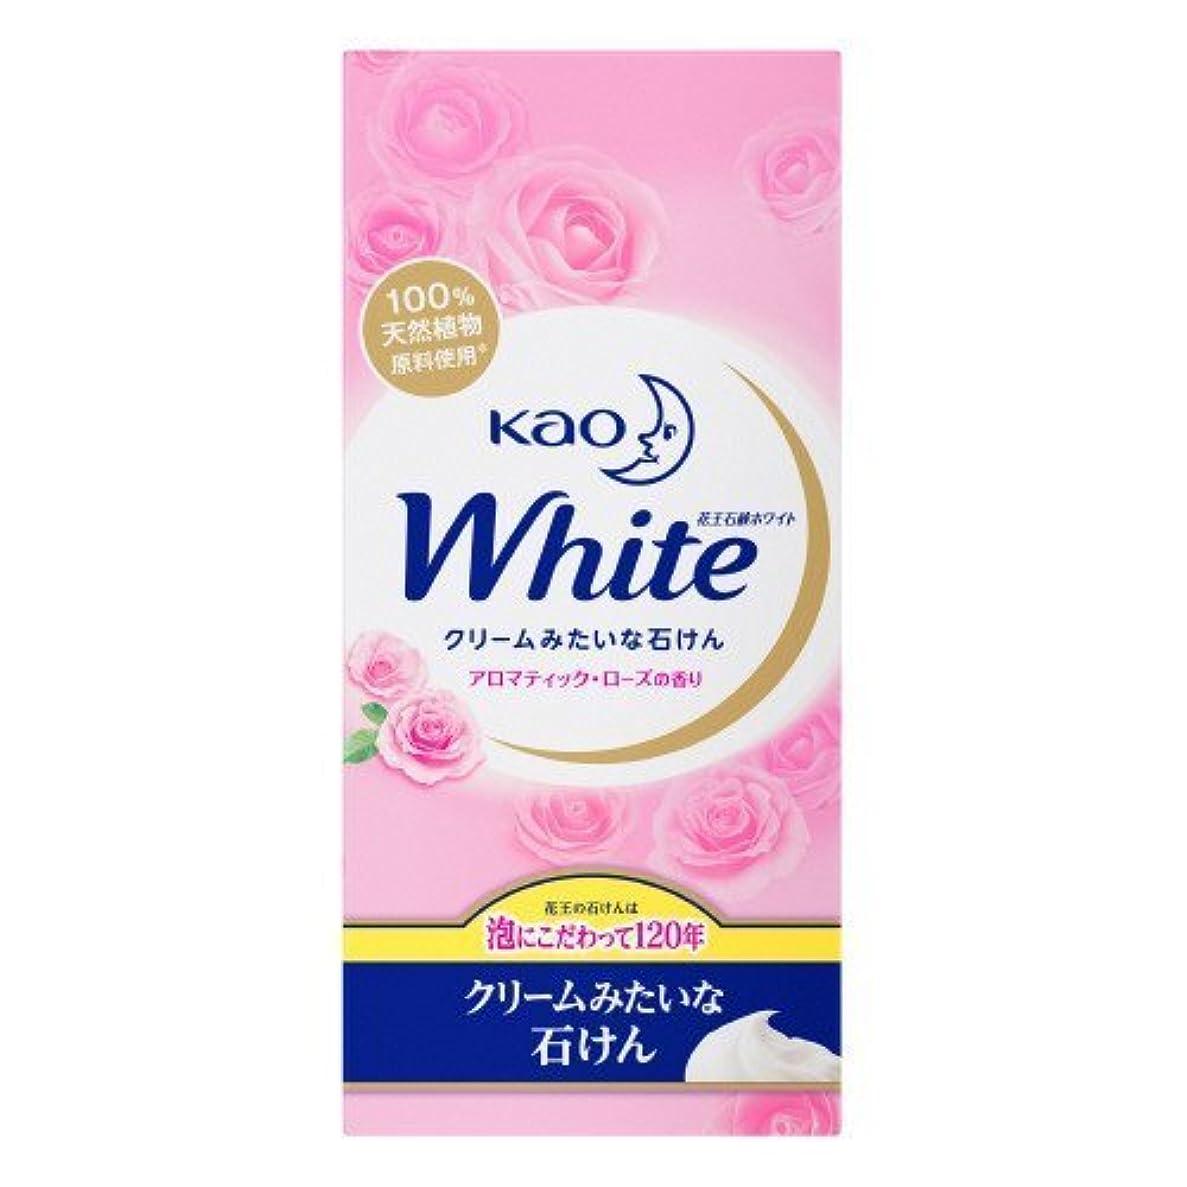 ストレスの多いできないフック【花王】花王ホワイト アロマティックローズの香りレギュラーサイズ (85g×6個) ×5個セット